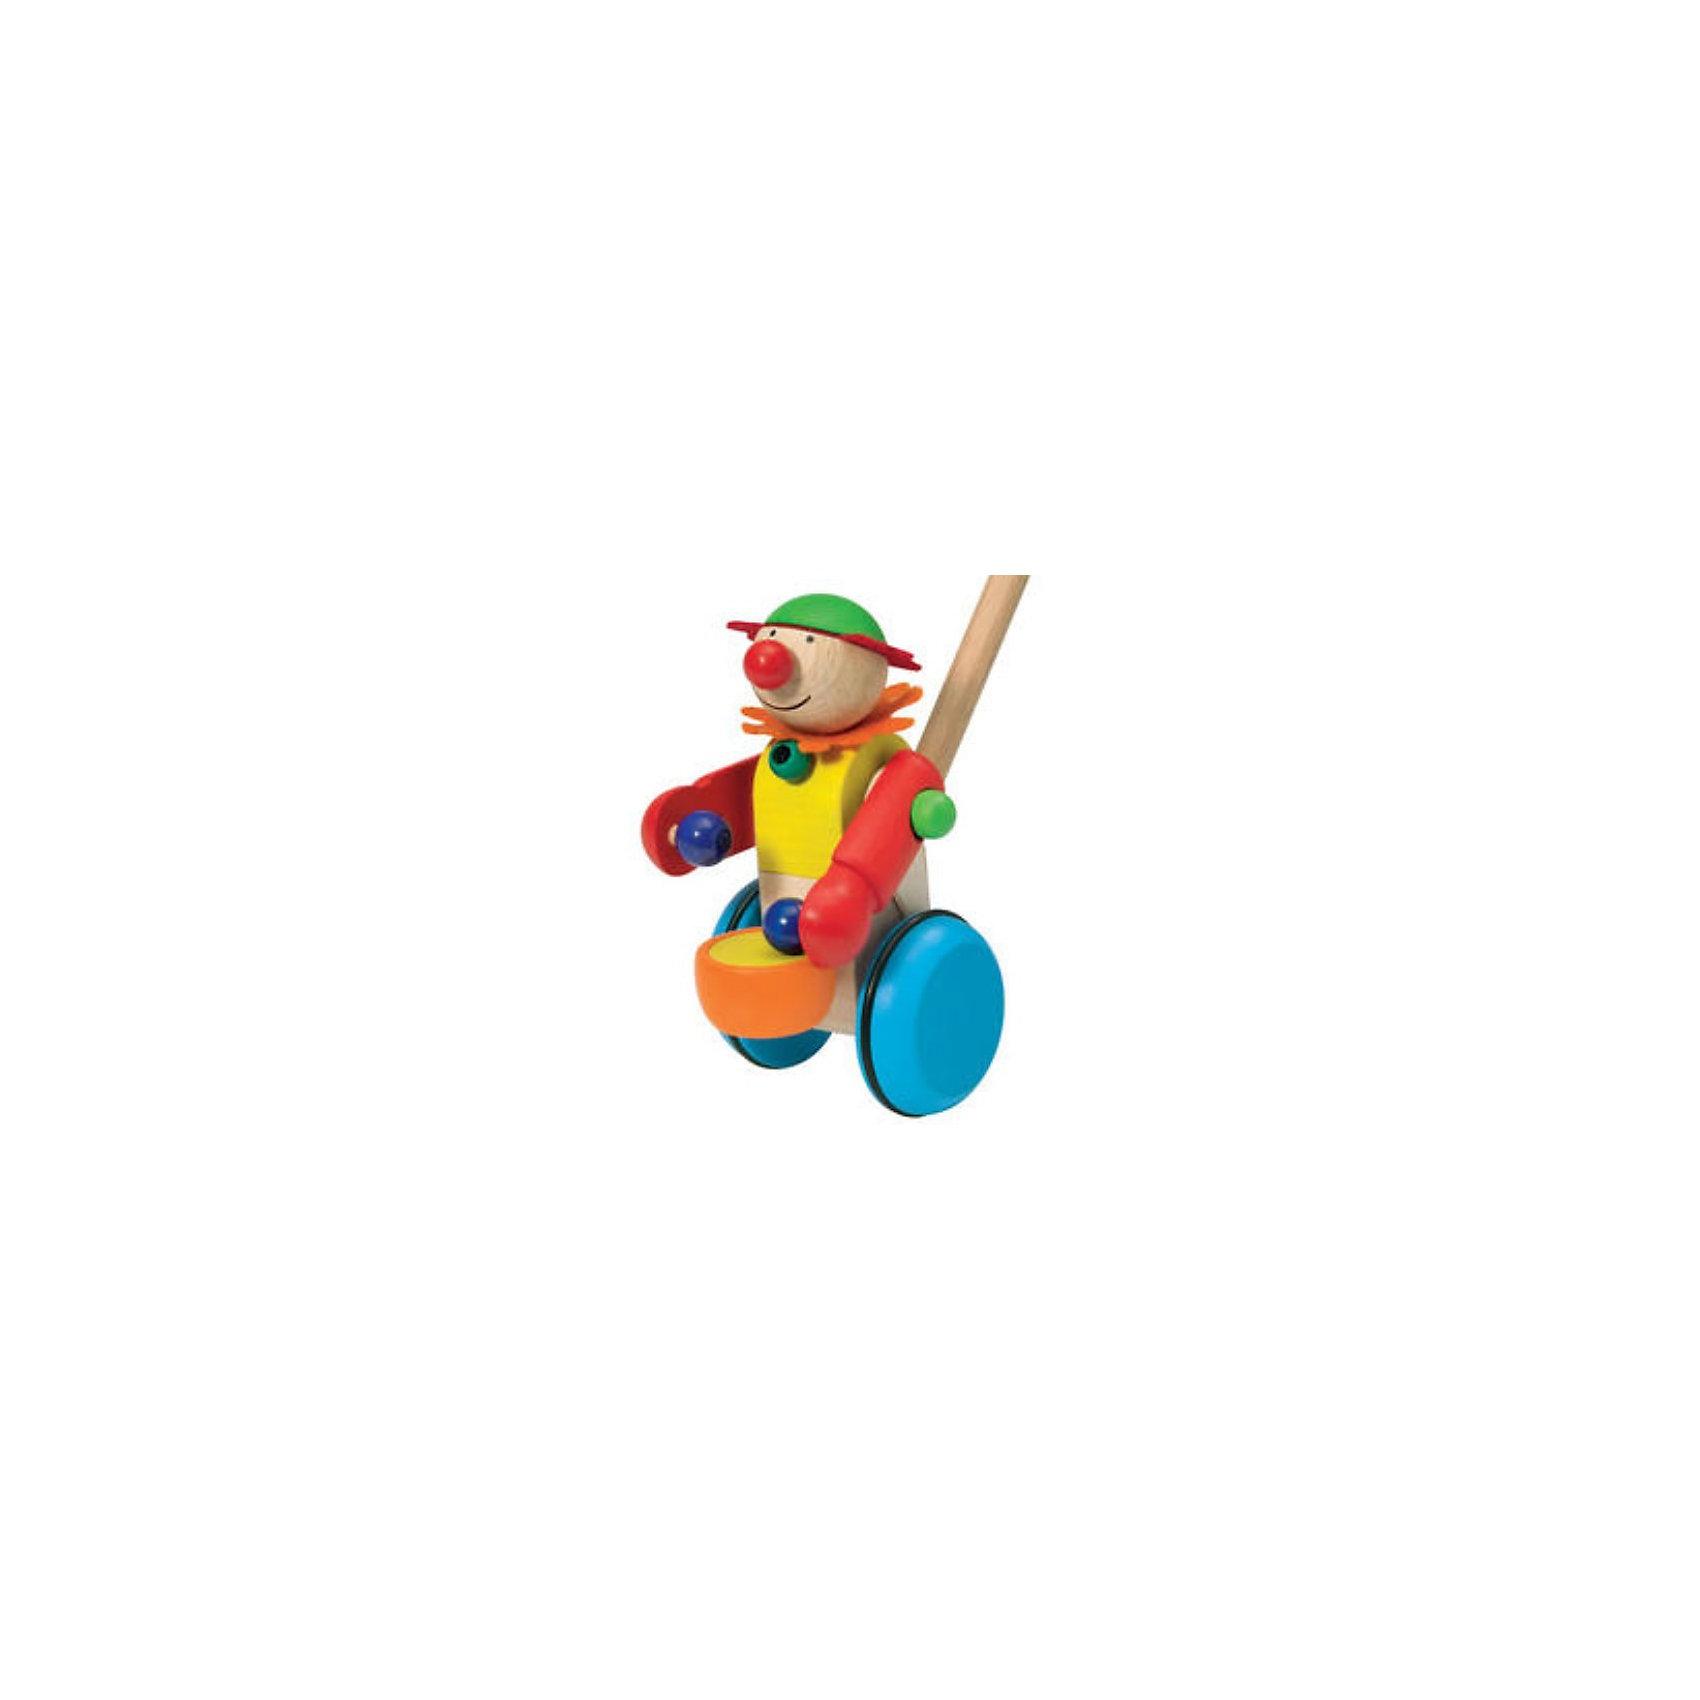 Selecta Каталка ТамбориниИгрушки-каталки<br>Для первых шагов: шустрый барабанщик бьет в свой барабан, когда малыши прочно стоят на земле.    <br>      <br>    <br>    Дополнительные характеристики:  <br>      <br>    <br>    + Размер: 16 см   <br>      <br>    <br>    + Материал: дерево  <br>      <br>    <br>    + Безопасность проверена Союзом работников технического надзора (T?V)    <br>      <br>    <br>    Структура дерева пробуждает фантазию и передает самые разные впечатления, обращаясь к разным органам чувств. Данный артикул дополнительно обработан пчелиным воском, что делает его поверхность гладкой и мягкой. Естественный аромат способствует развитию чувств и ощущений у детей.<br><br>Ширина мм: 185<br>Глубина мм: 185<br>Высота мм: 555<br>Вес г: 200<br>Возраст от месяцев: 12<br>Возраст до месяцев: 36<br>Пол: Унисекс<br>Возраст: Детский<br>SKU: 1541960